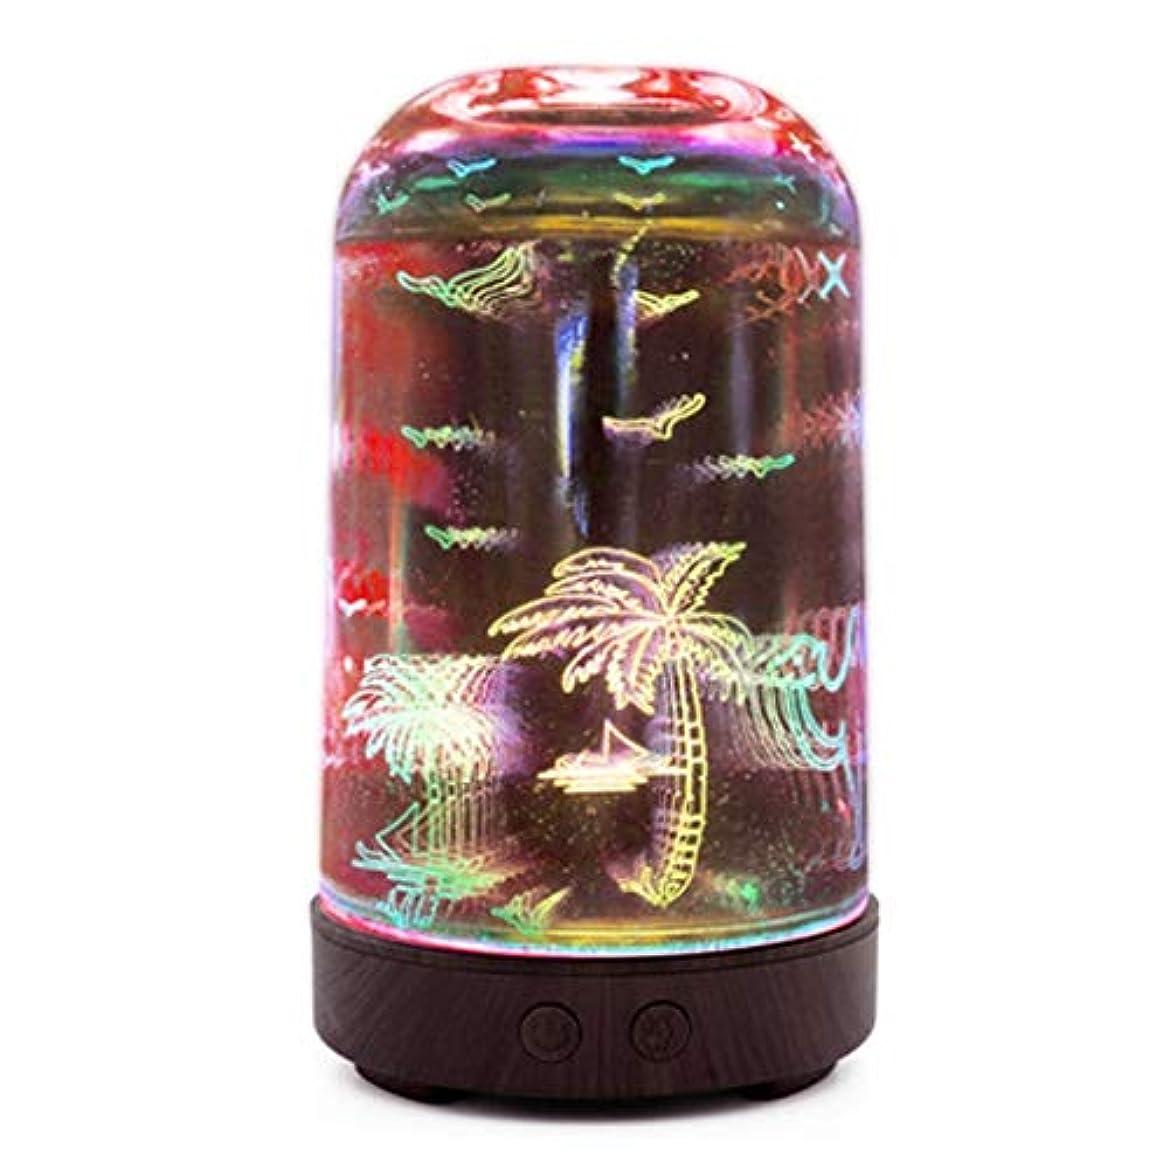 魅力的リズムビームすばらしいLEDライト、便利な自動操業停止および大きい水漕が付いている3Dガラス100mlギャラクシー優れた超音波加湿器 (Color : Coconut tree)